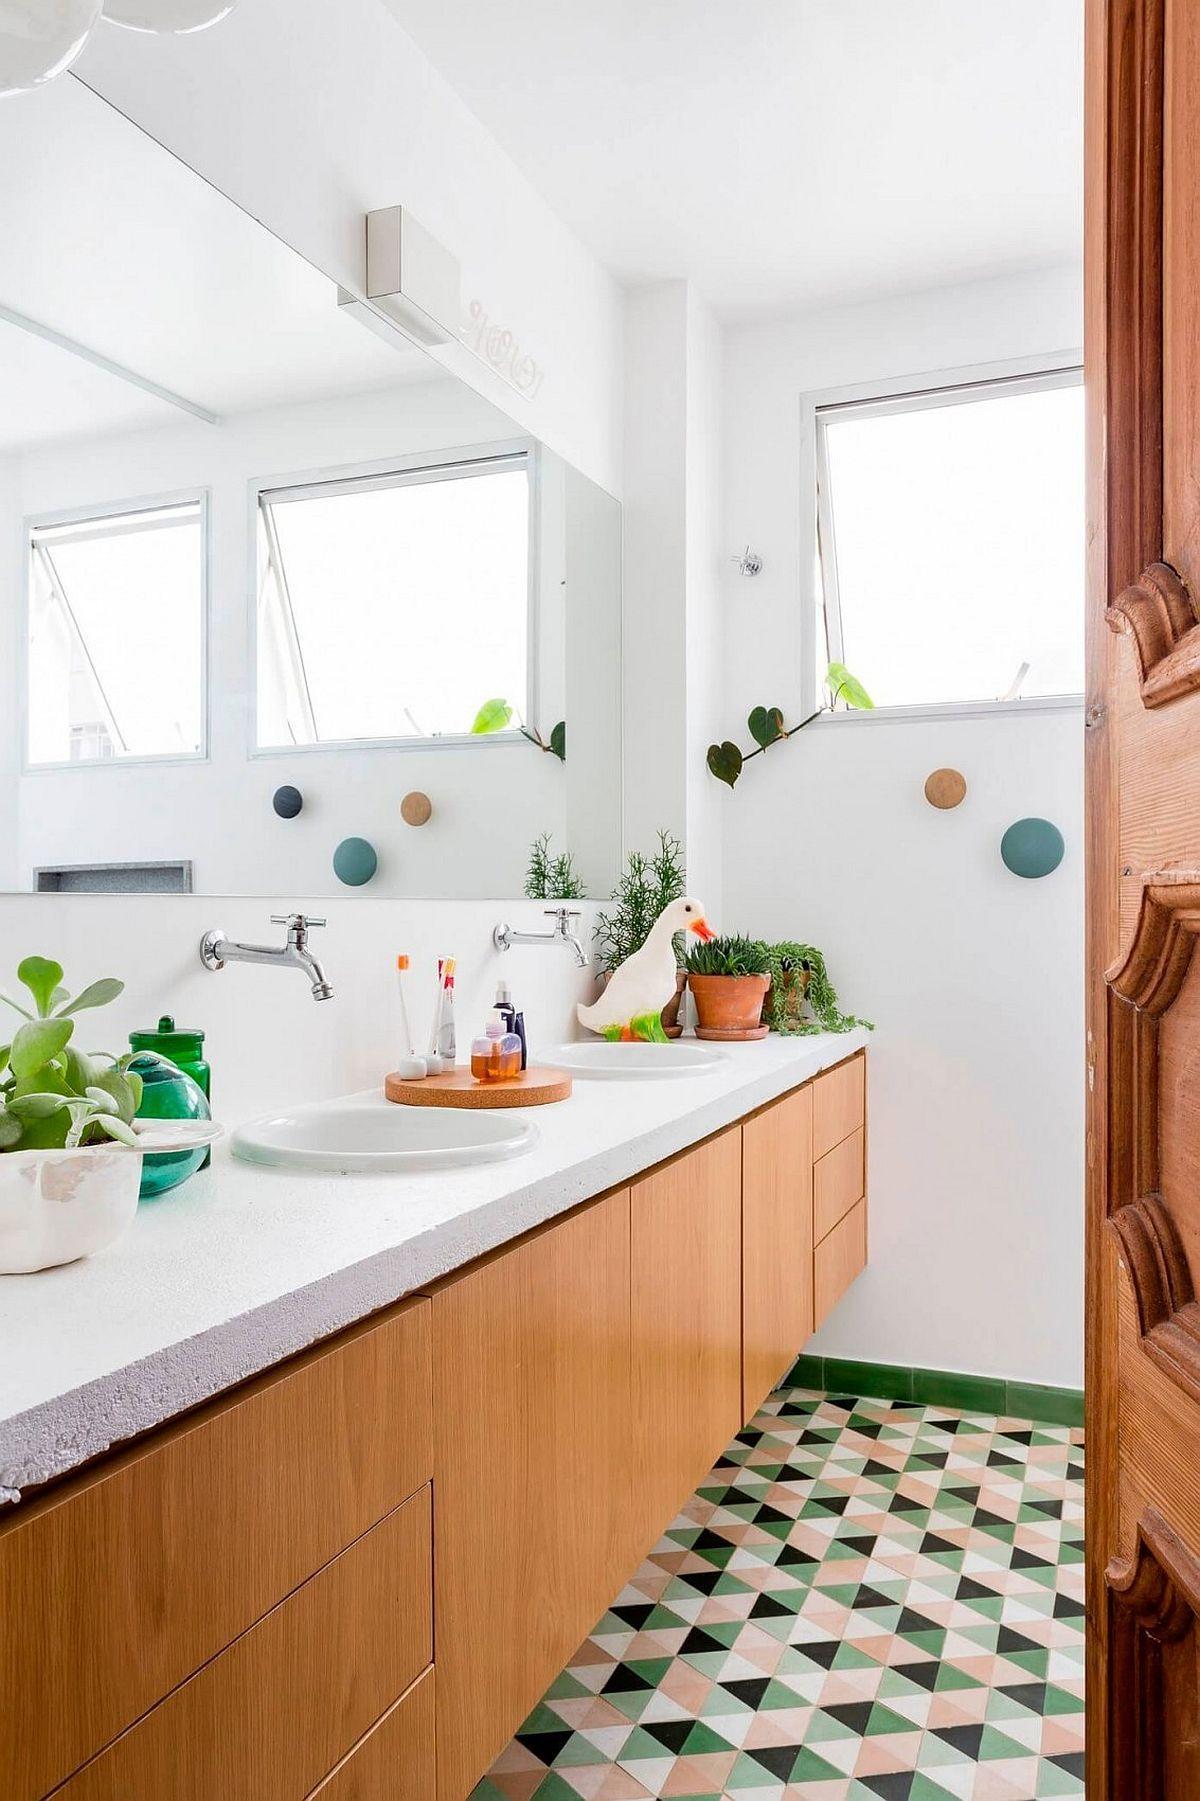 Fühlen Sie sich wie im Garten mit mehreren Pflanzen und Gartenfiguren auf dem Waschtisch umgeben